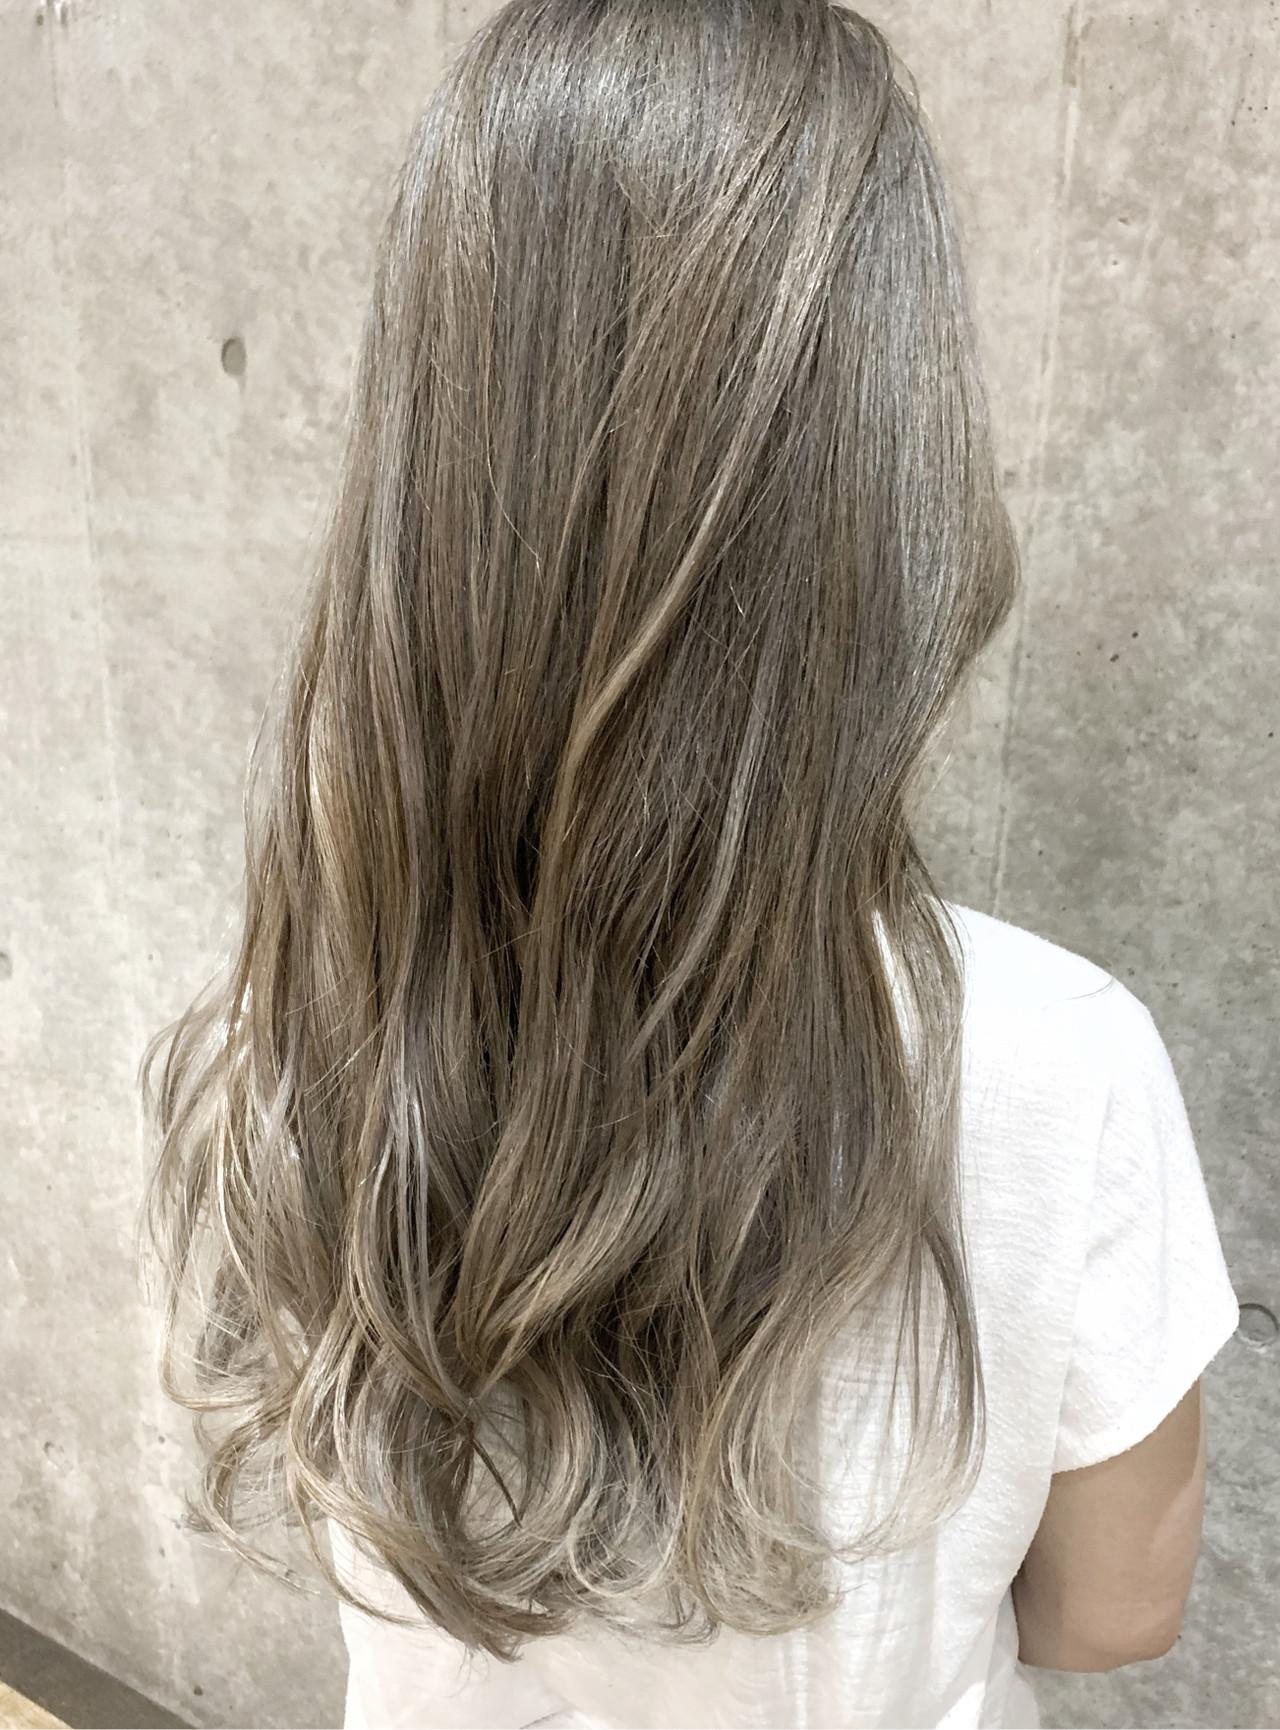 グラデーションカラー ミルクティーベージュ ロング ハイライト ヘアスタイルや髪型の写真・画像 | ユアサケンイチ(湯浅 賢一) / Ferreira (フェレイラ)